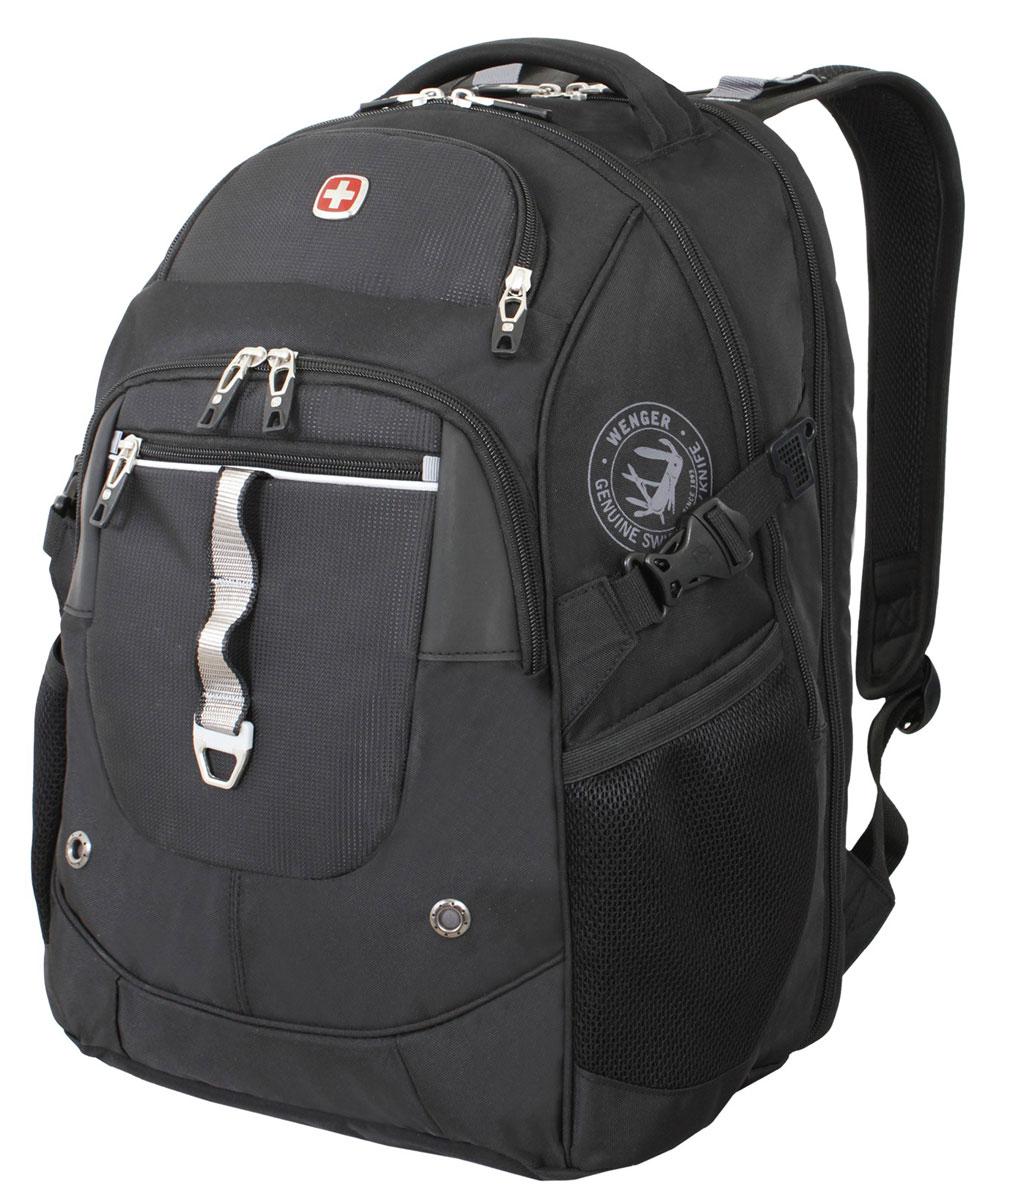 Рюкзак городской Wenger, цвет: черный, серебристый, 34 см x 22 см x 46 см, 34 л6968204408Высококачественный и стильный, надежный и удобный, а главное прочный рюкзак Wenger. Благодаря многофункциональности данный рюкзак позволяет удобно и легко укладывать свои вещи. Особенности рюкзака: 2 внешних кармана на молнии. 2 внешних сетчатых кармана для бутылок с водой. Большое основное отделение. Внешний карман для очечника на молнии. Внешнее металлическое кольцо. Внутренний карабин для ключей. Возможность крепления на чемодане. Карман-органайзер для мелких предметов. Карман для планшетного компьютера с диагональю до 38 см. Металлические застежки молний с пластиковыми вставками. Мягкая ручка для переноски. Отделение на липучке для ноутбука 15 с системой ScanSmart. Петля для очков. Регулируемые плечевые ремни Внутренний сетчатый карман на молнии для хранения аксессуаров ноутбука. Стягивающие ремни. Эргономичная спинка с системой циркуляции воздуха Airflow.